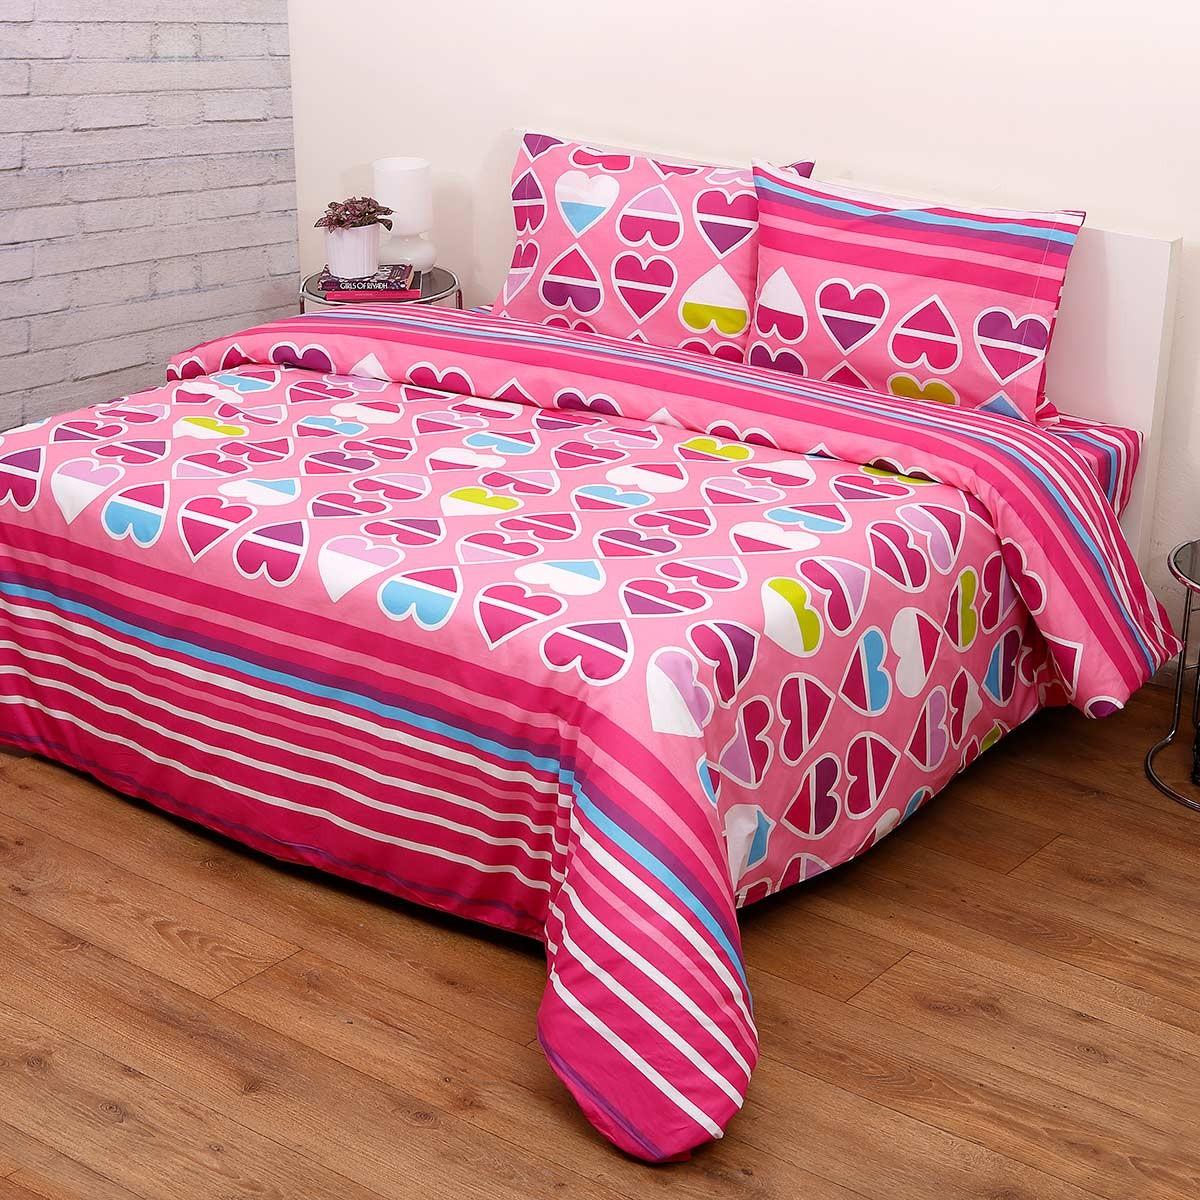 Πάπλωμα Ημίδιπλο (Σετ) Viopros Kids Cotton Καρδιές home   κρεβατοκάμαρα   παπλώματα   παπλώματα ημίδιπλα   διπλά